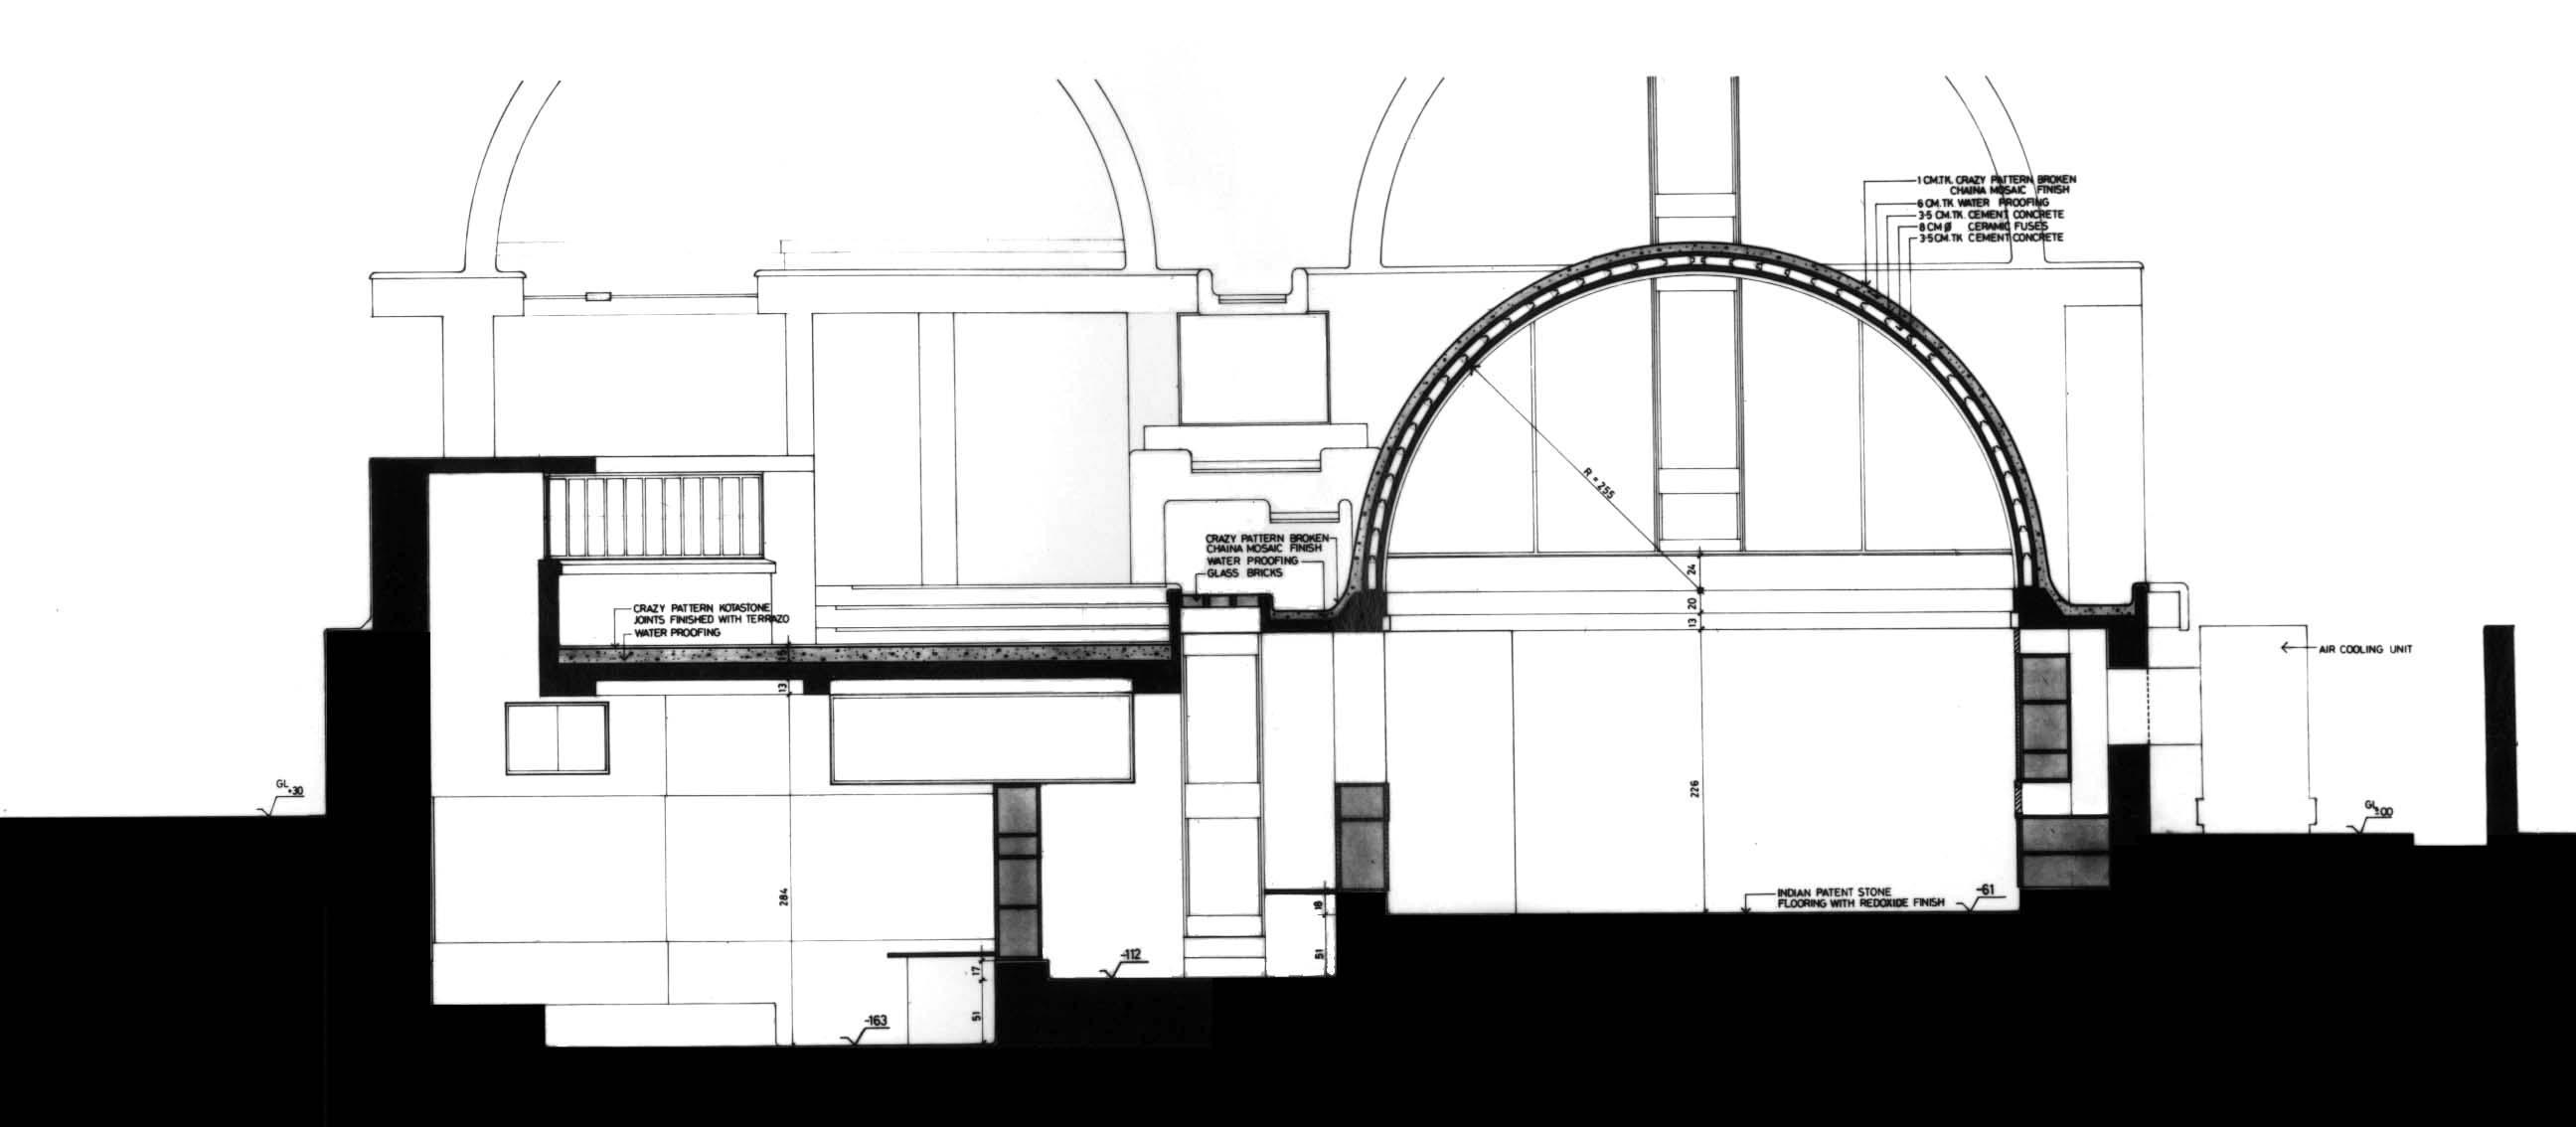 Balkrishna Doshi Vsf Sangath Architect S Studio Divisare